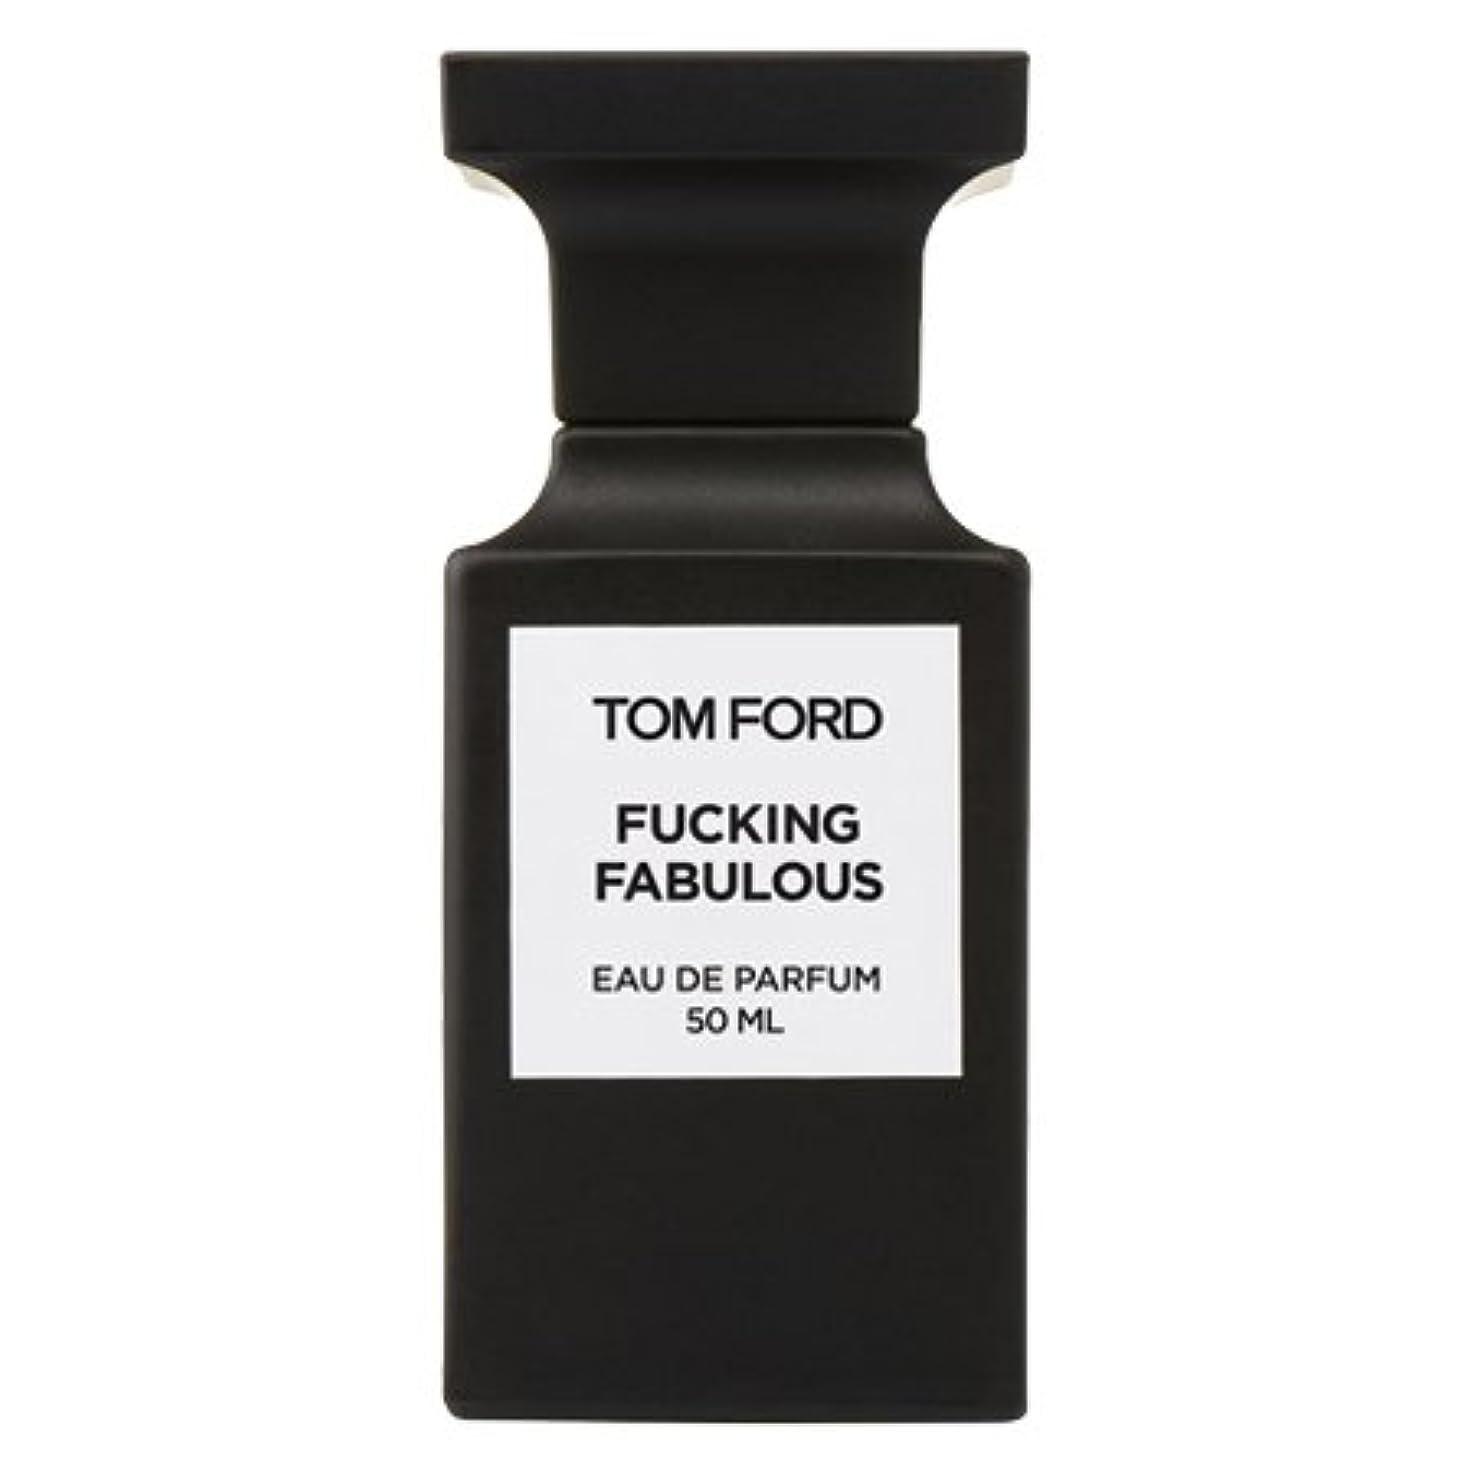 知り合いになる見つけたパネルトムフォード ファッキング ファビュラス オードパルファム EDP 50ml -TOM FORD- 【並行輸入品】